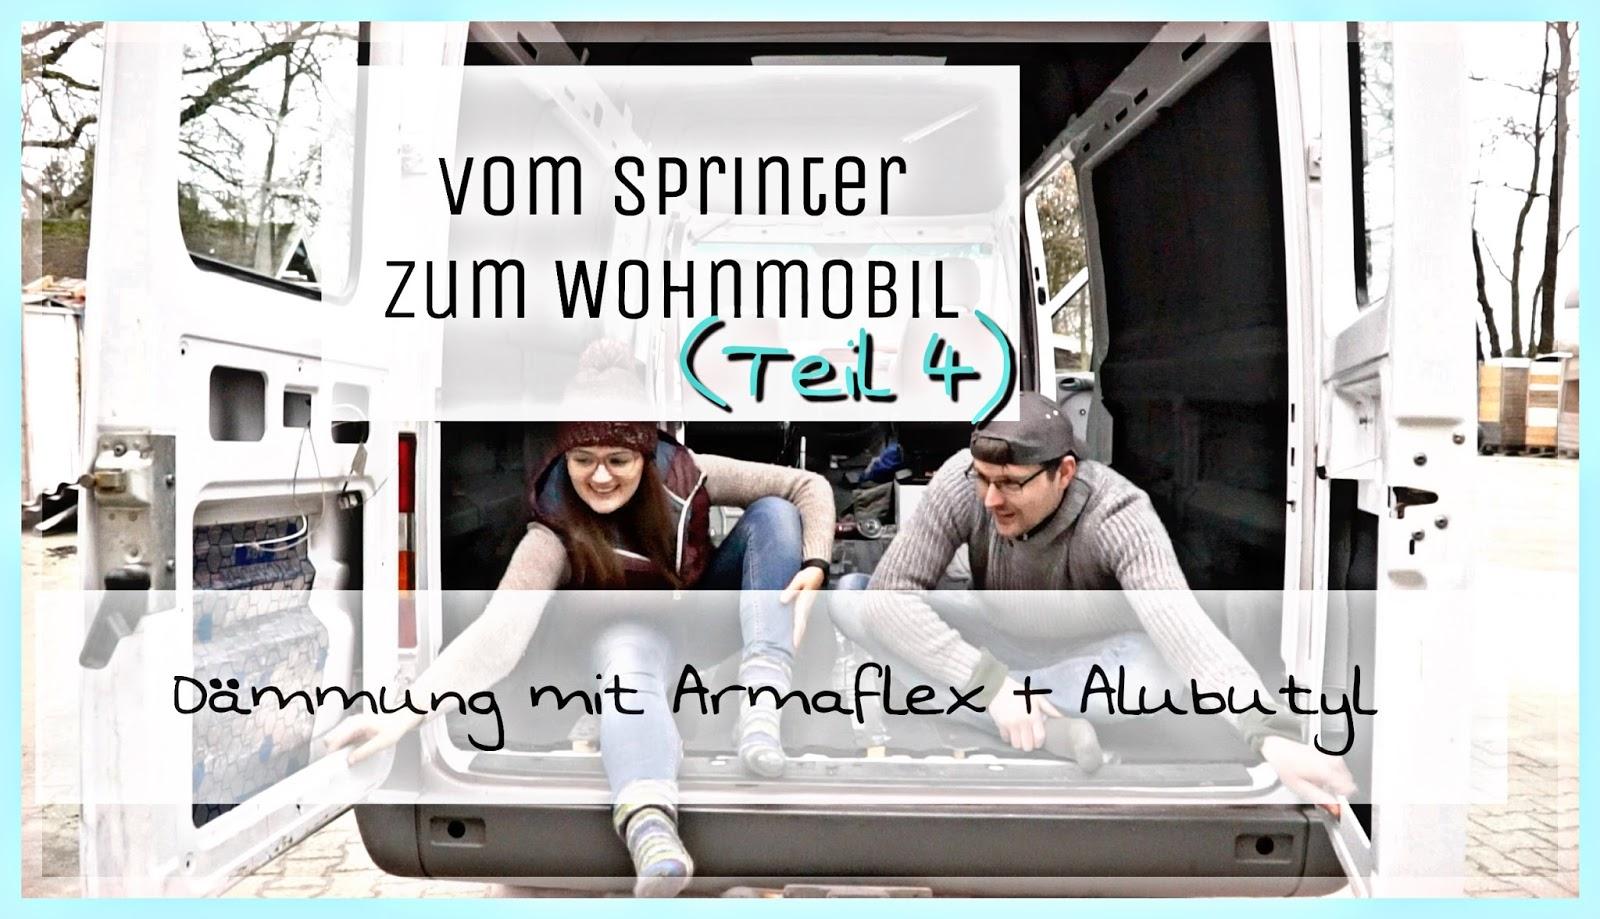 Dämmung Fußboden Wohnmobil ~ Vom sprinter zum wohnmobil dämmung mit armaflex und alubutyl